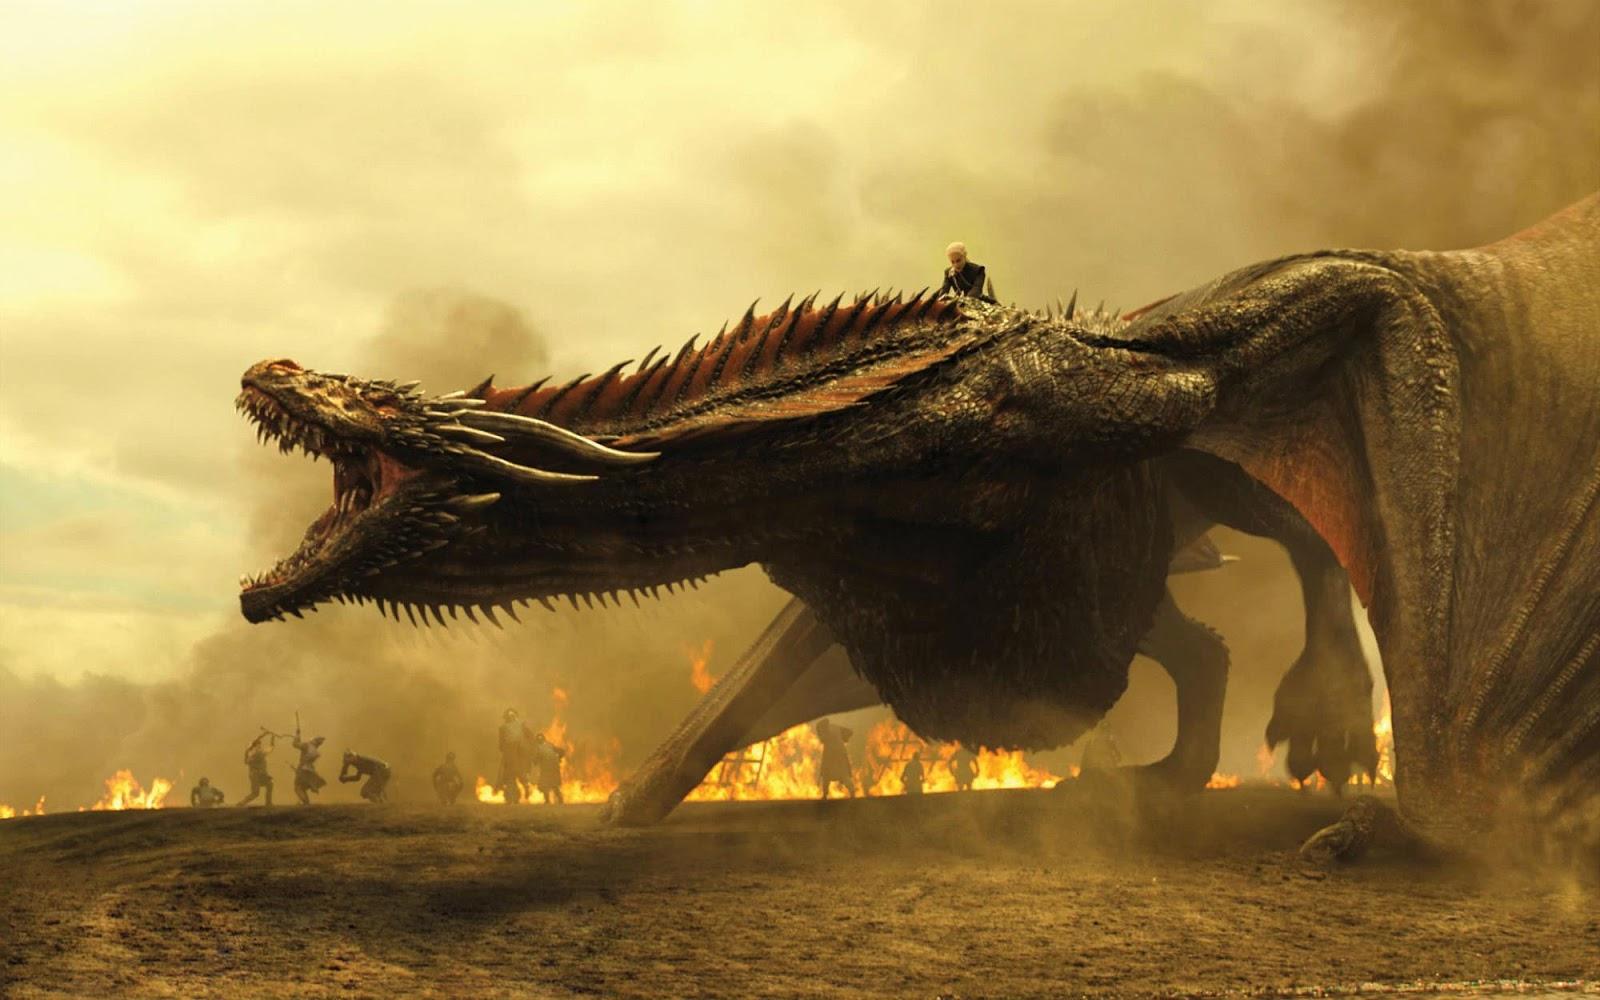 Juego de Tronos 7 - Daenerys Targaryen y su dragon